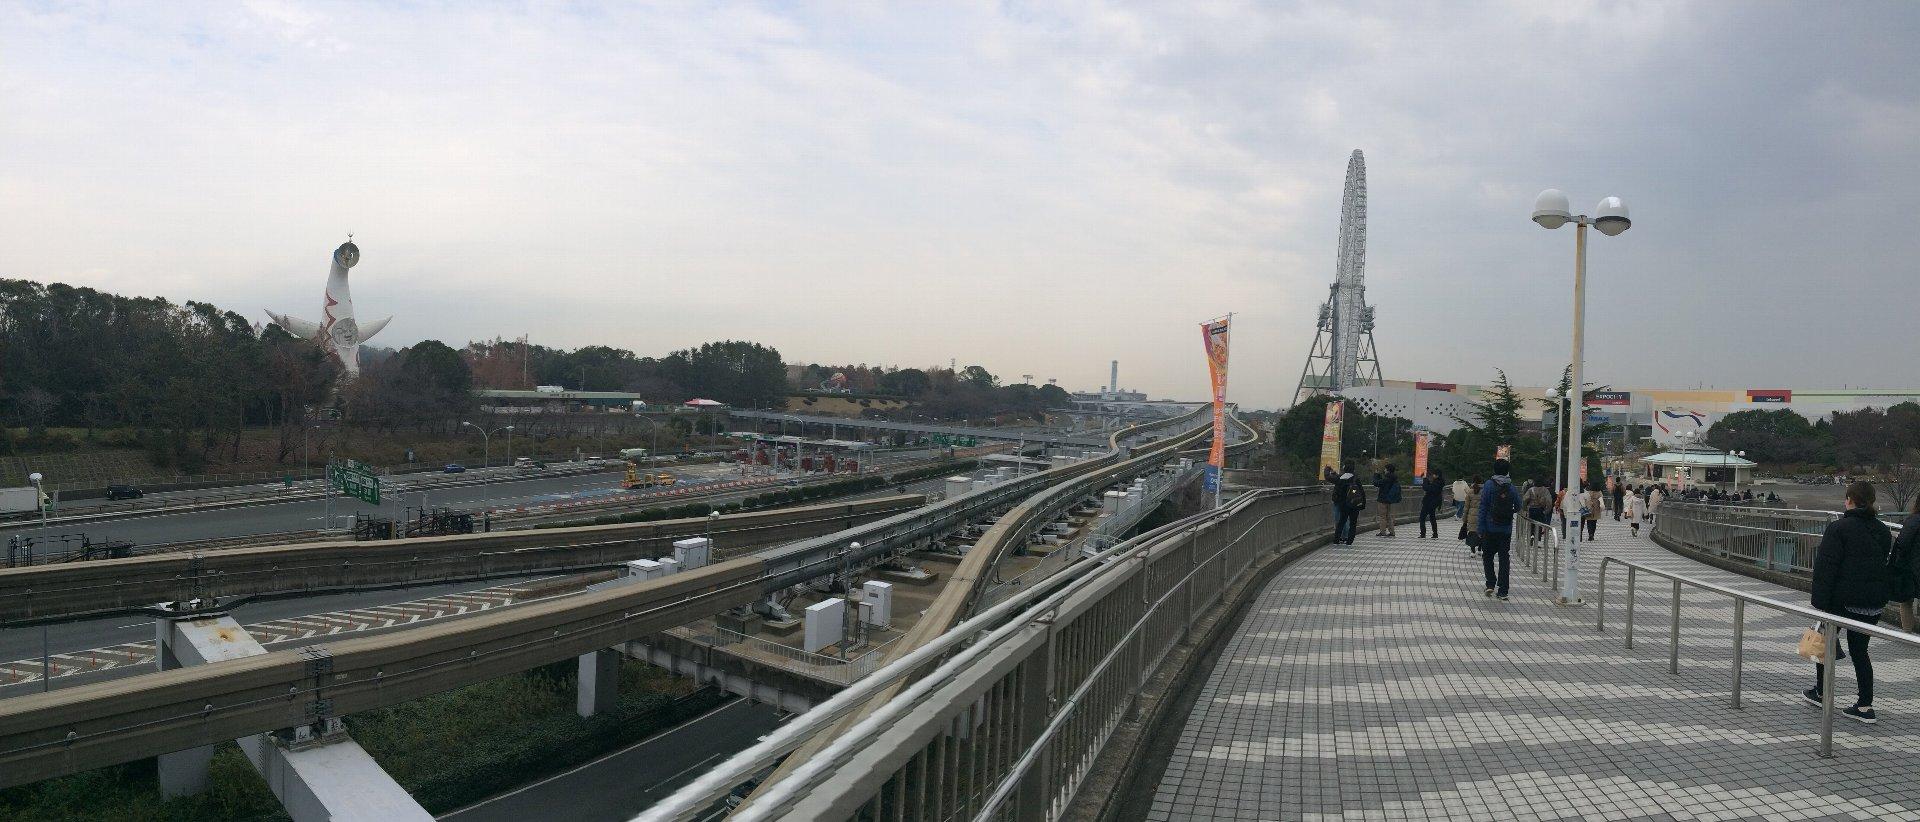 20181220_00 エキスポ・シティ到着